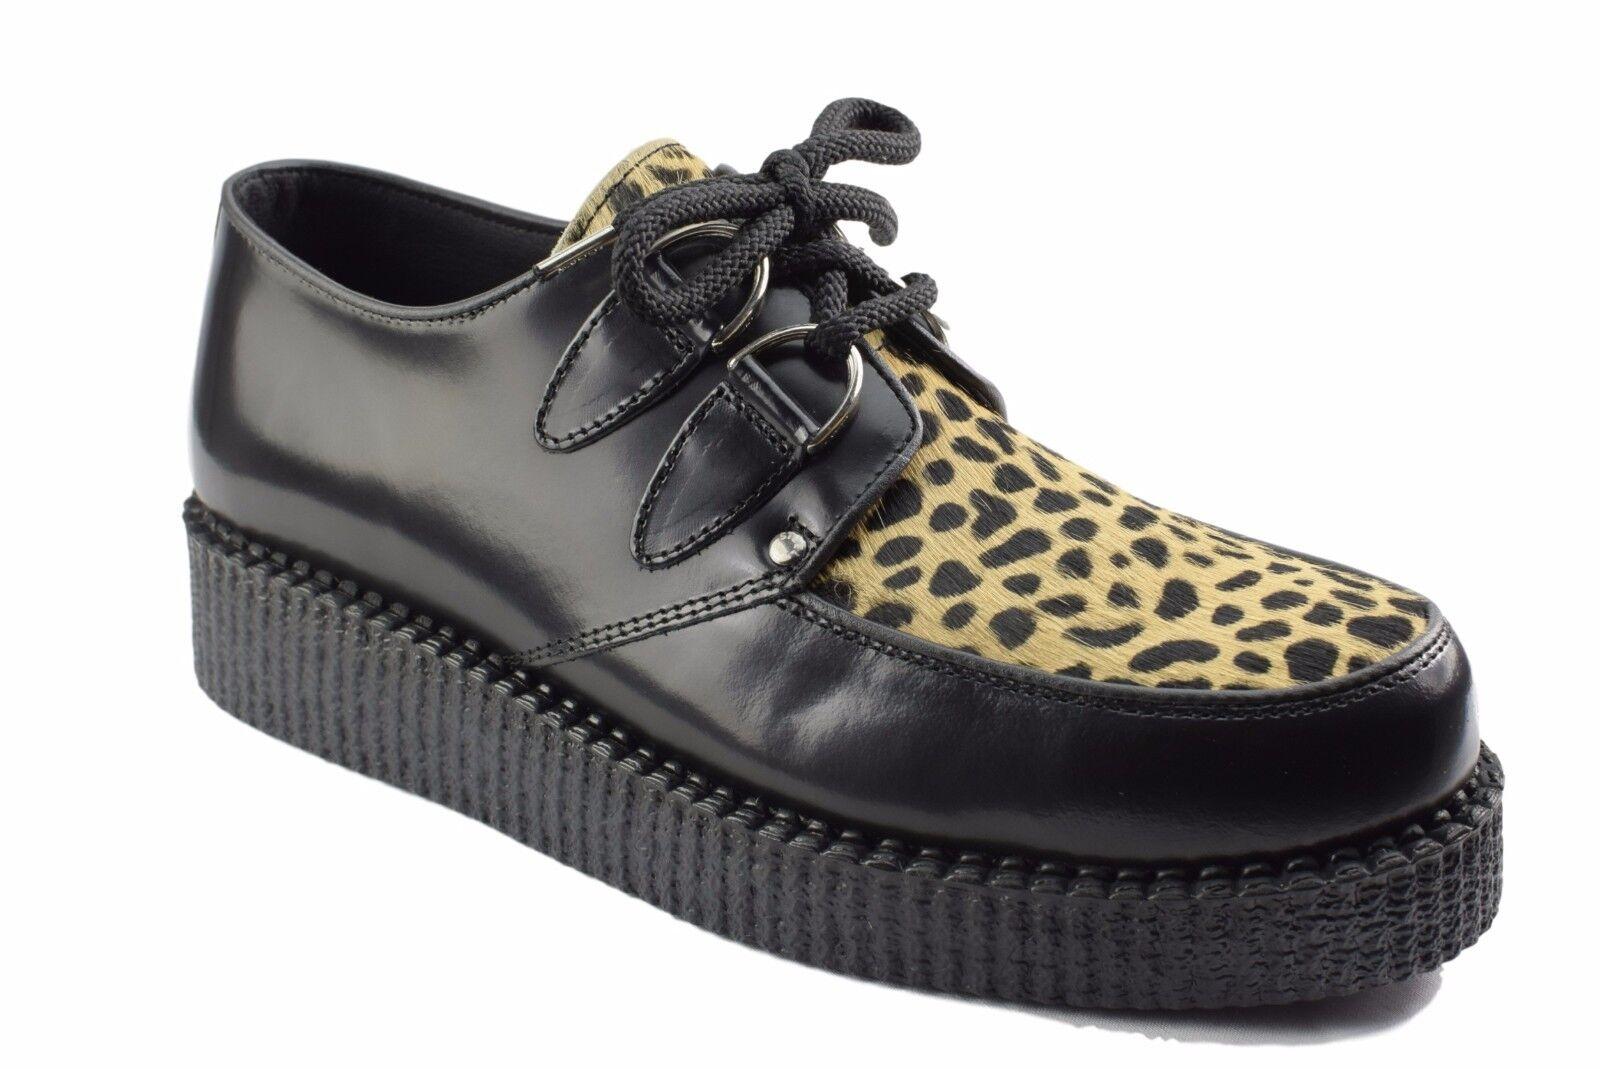 Acier Sol Chaussures en Cuir Noir Leopard Hair creepers Faible sole D sacue